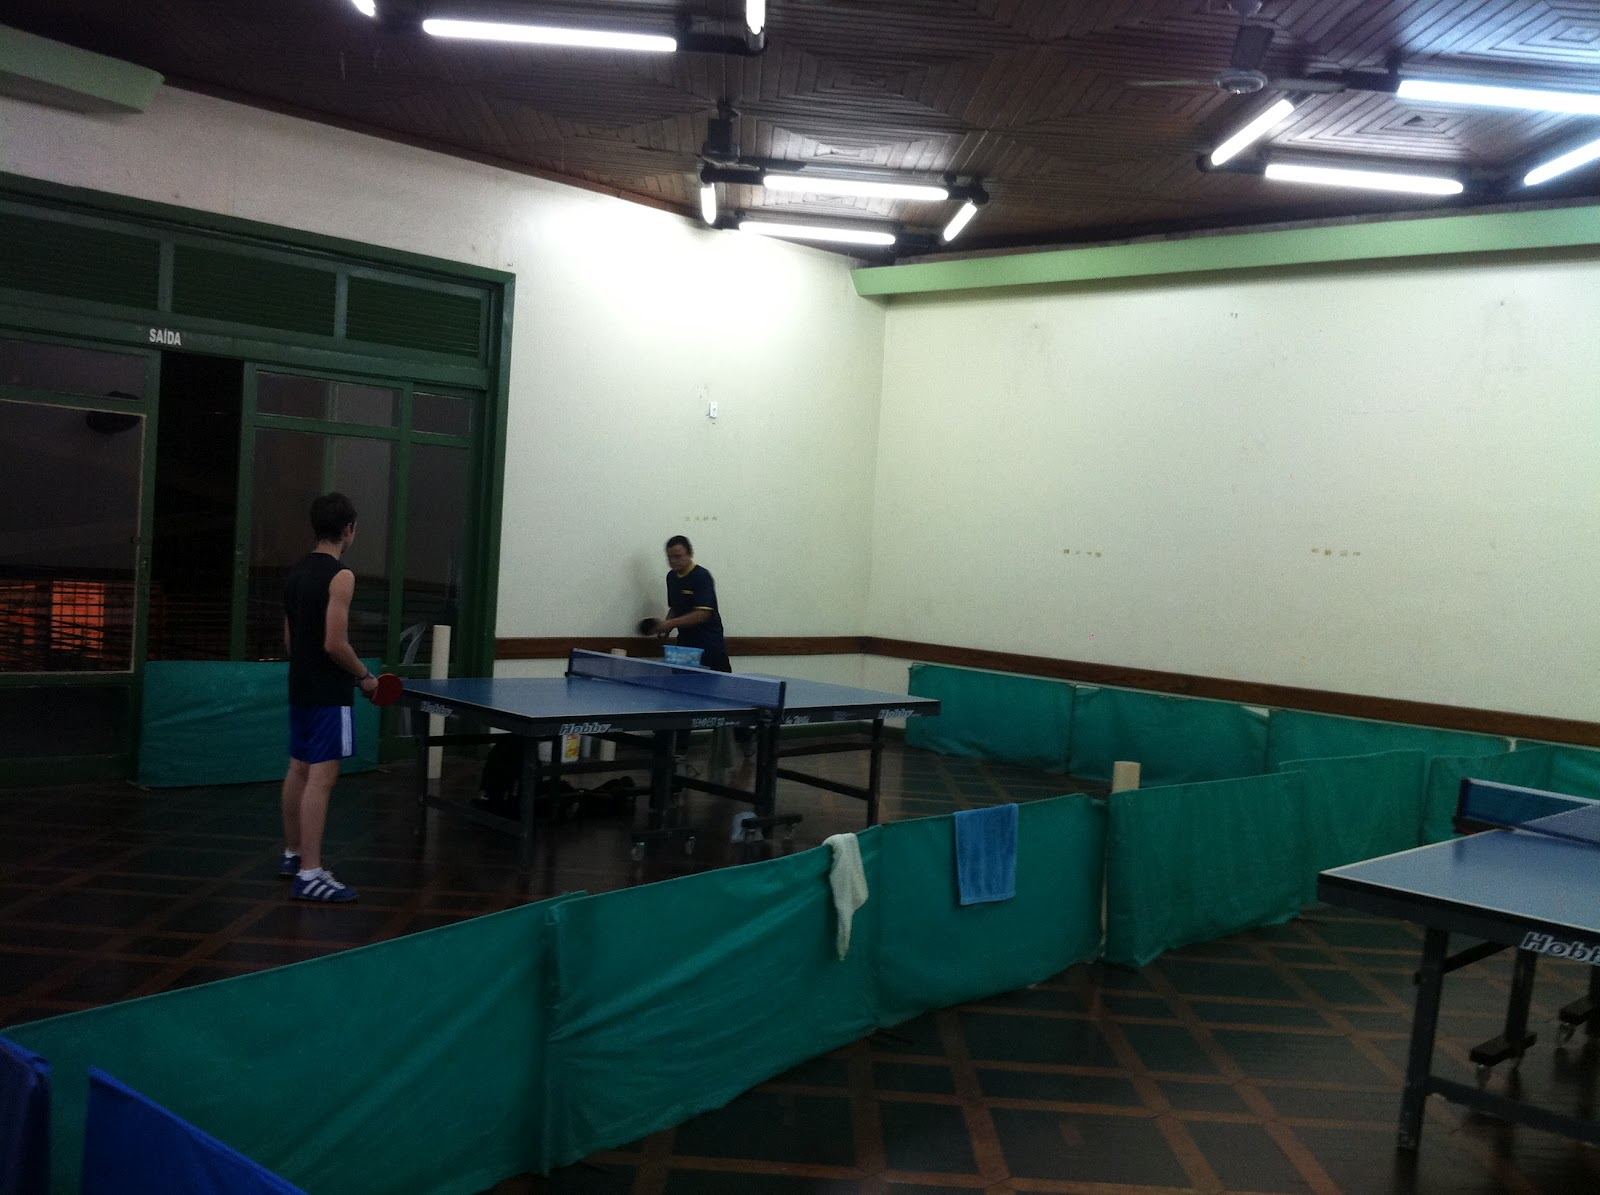 6c3d574850 Escola de Tênis de Mesa do Pará Profº Bianor Coelho - Belém-PA